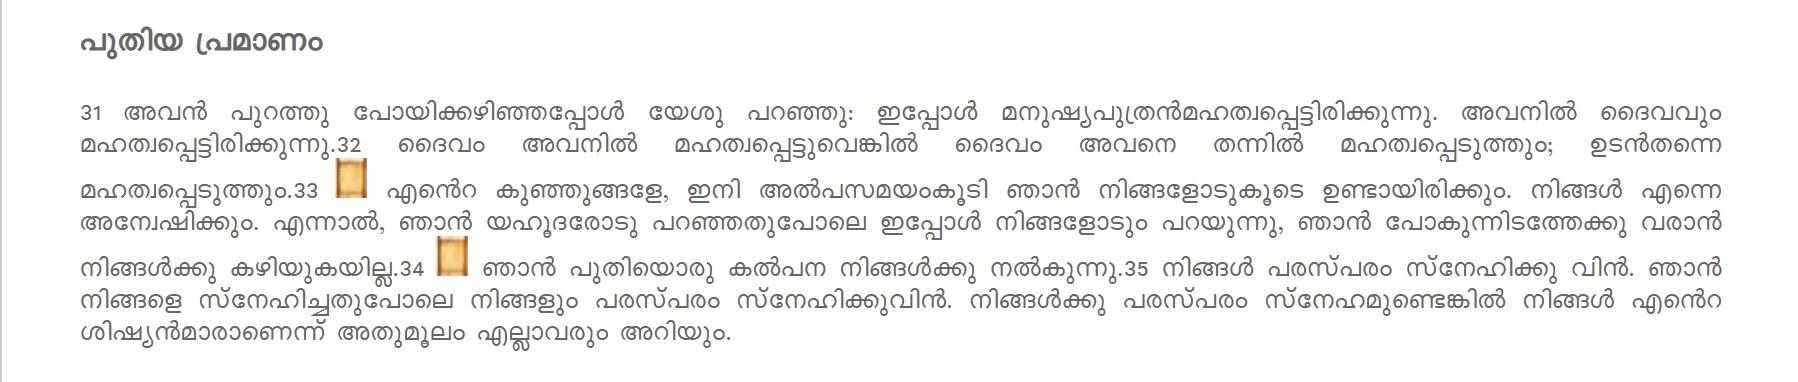 John 13, 31-35 POC Malayalam